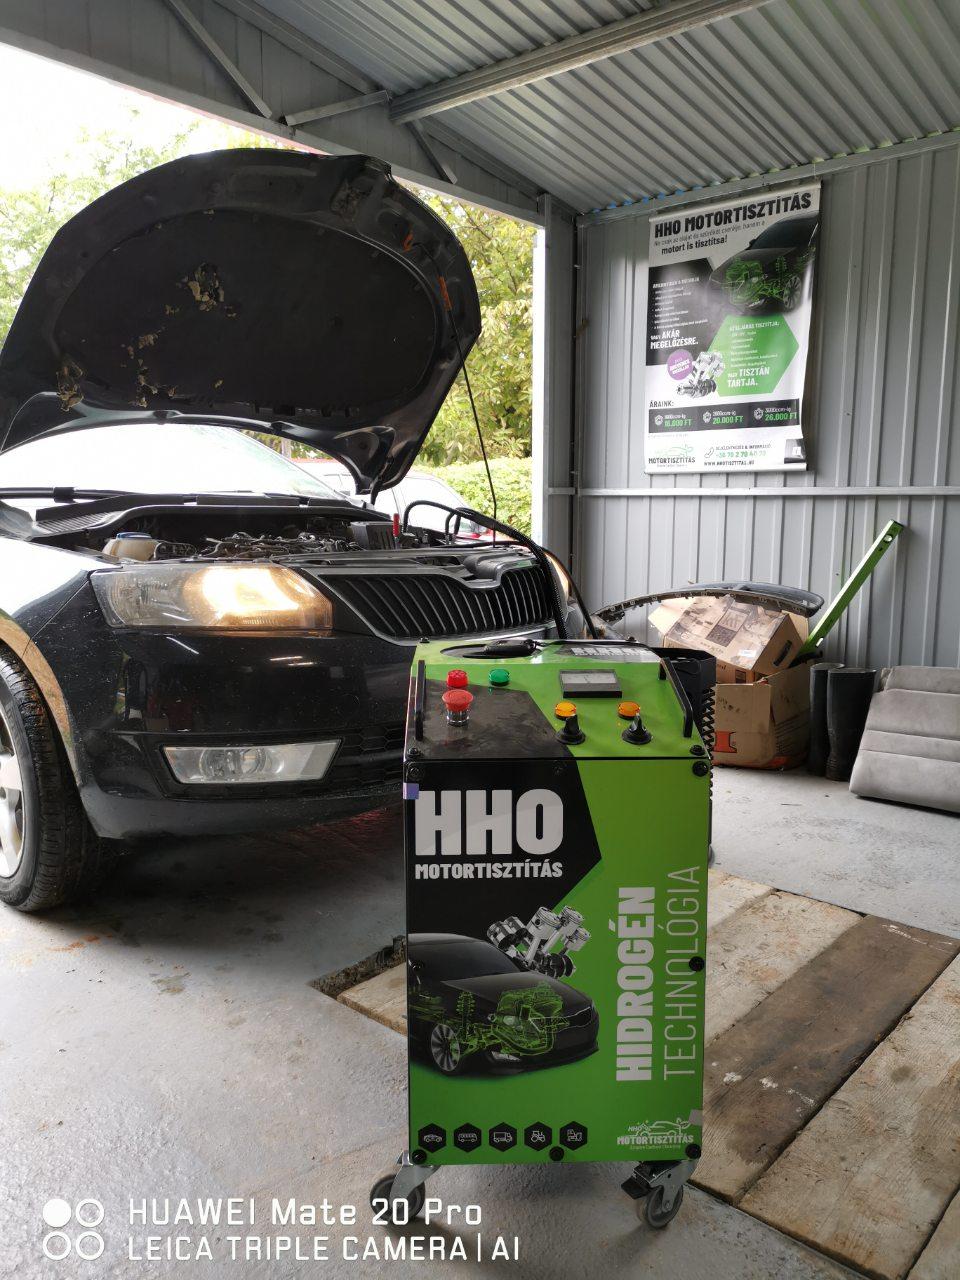 HHO Motortisztítás Skoda Rapid 1.6 CRTDI 105Le